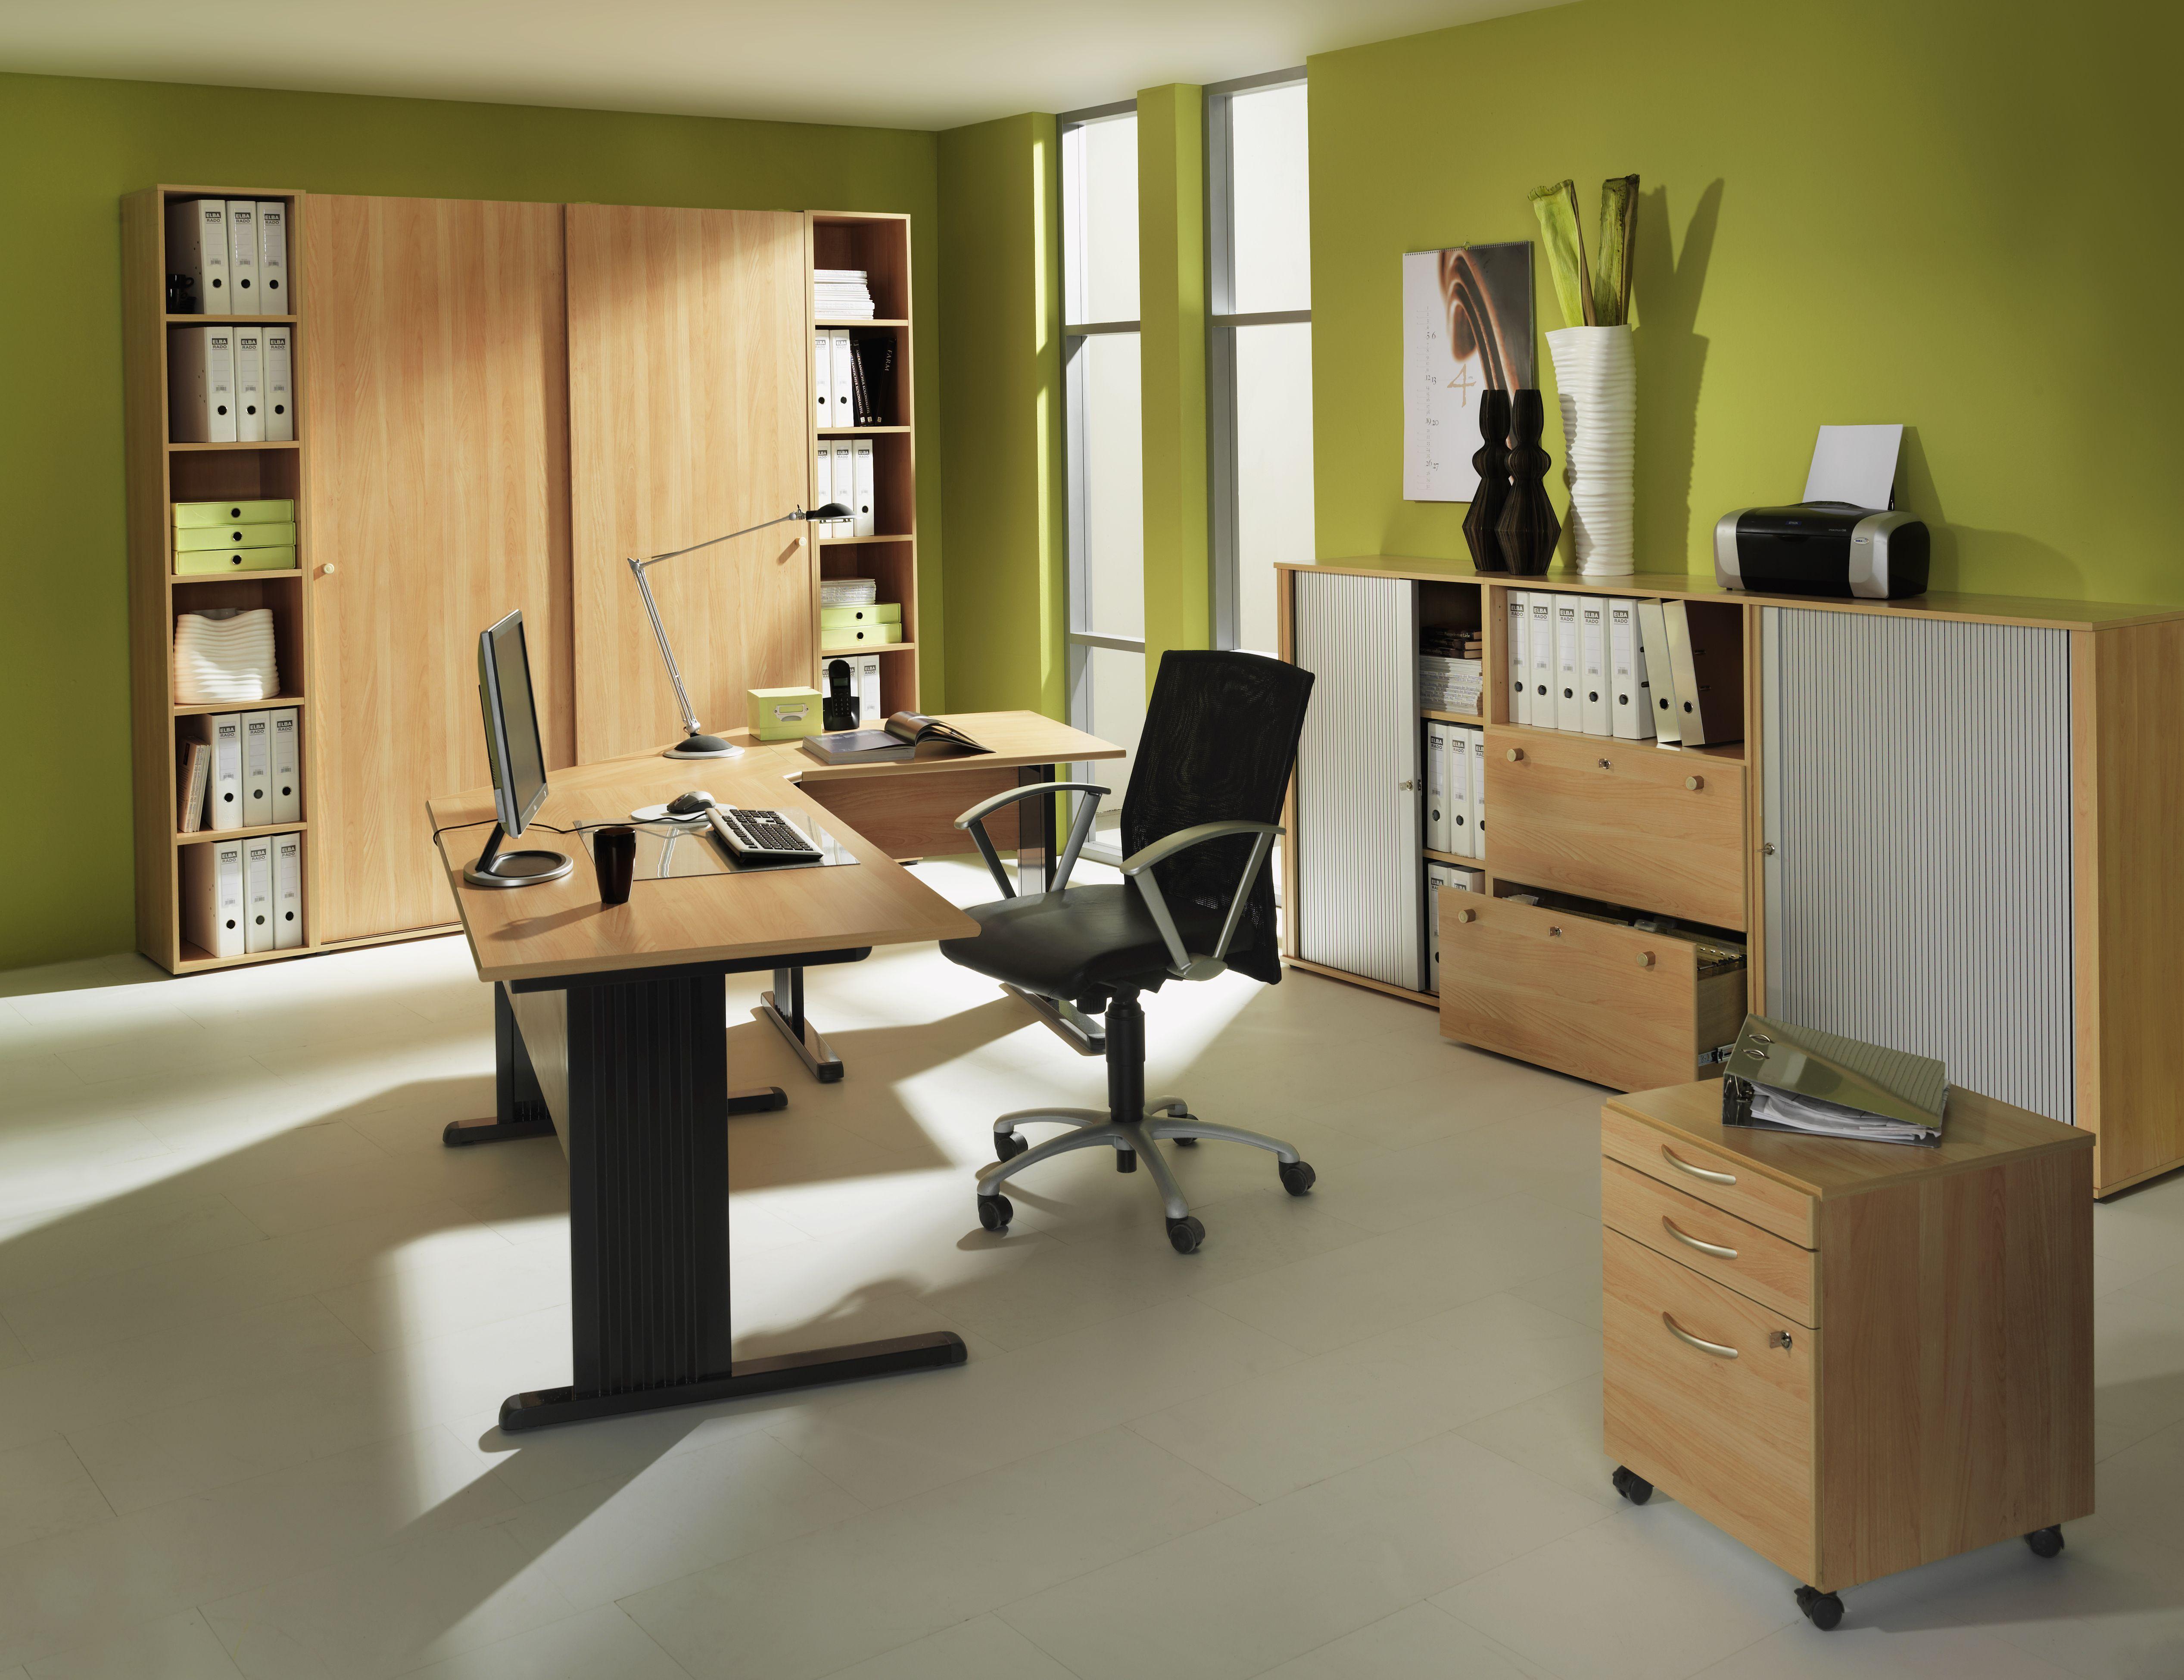 Schäfer Shop Büromöbel Multimobil I Mit Tür Günstig Kaufen Schäfer